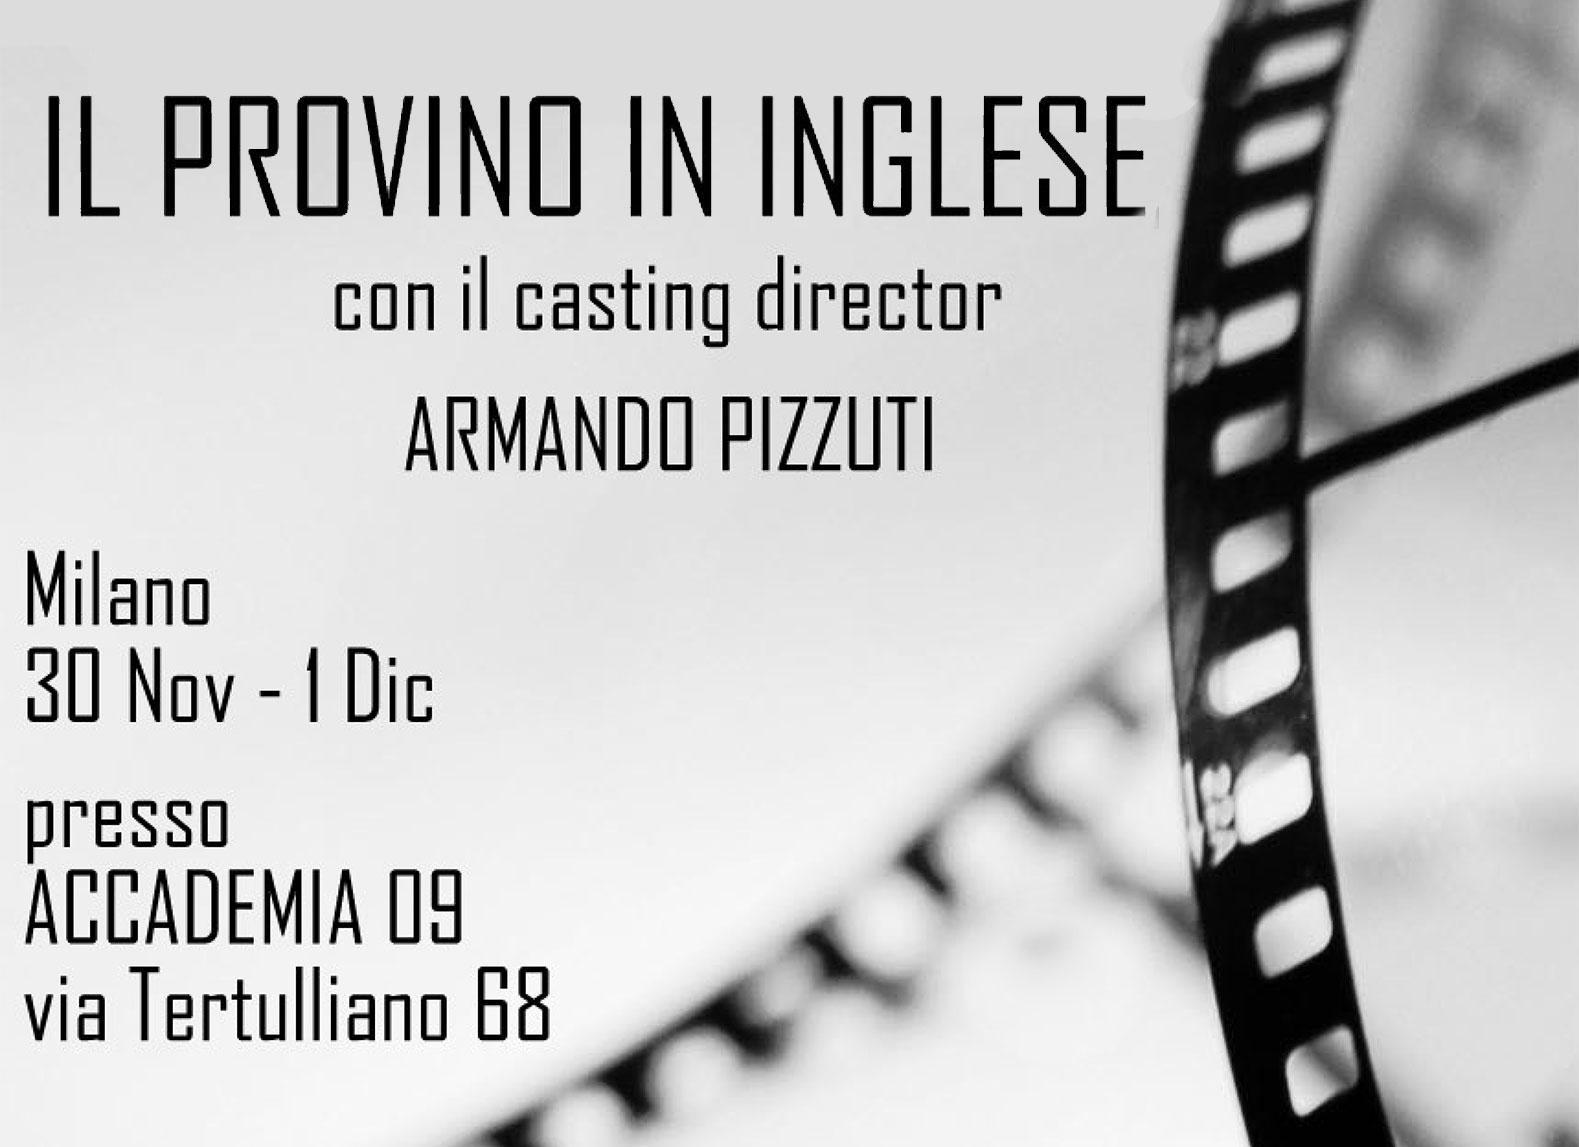 """Il provino in inglese - Workshop """"Il provino in Inglese"""" con il casting director Armando Pizzuti. - Accadema di spettacolo, radio e tv Milano"""